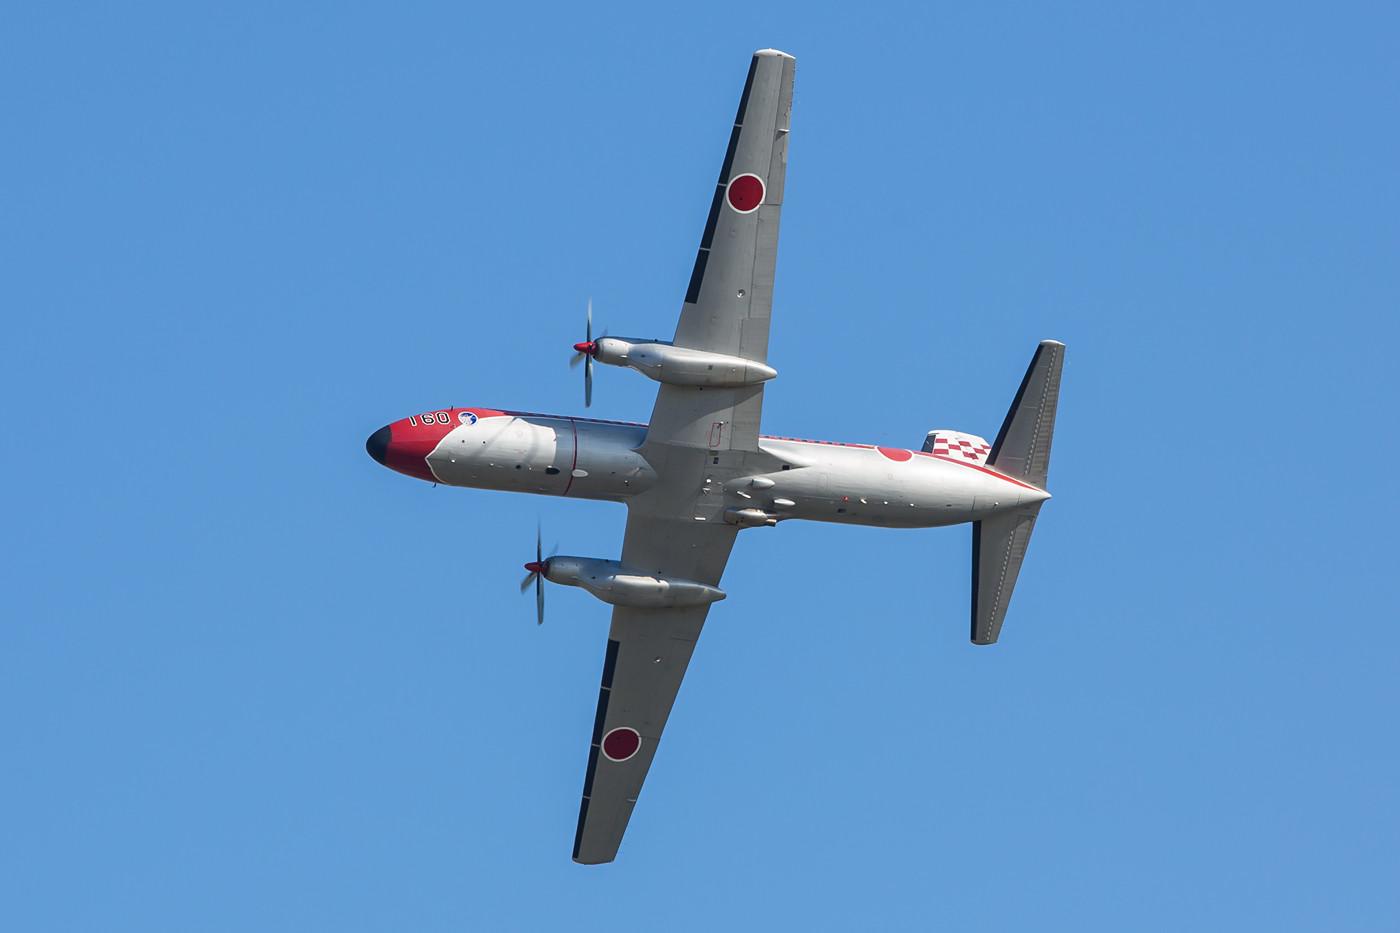 Auch die SY-11 flog ein paar Runden.